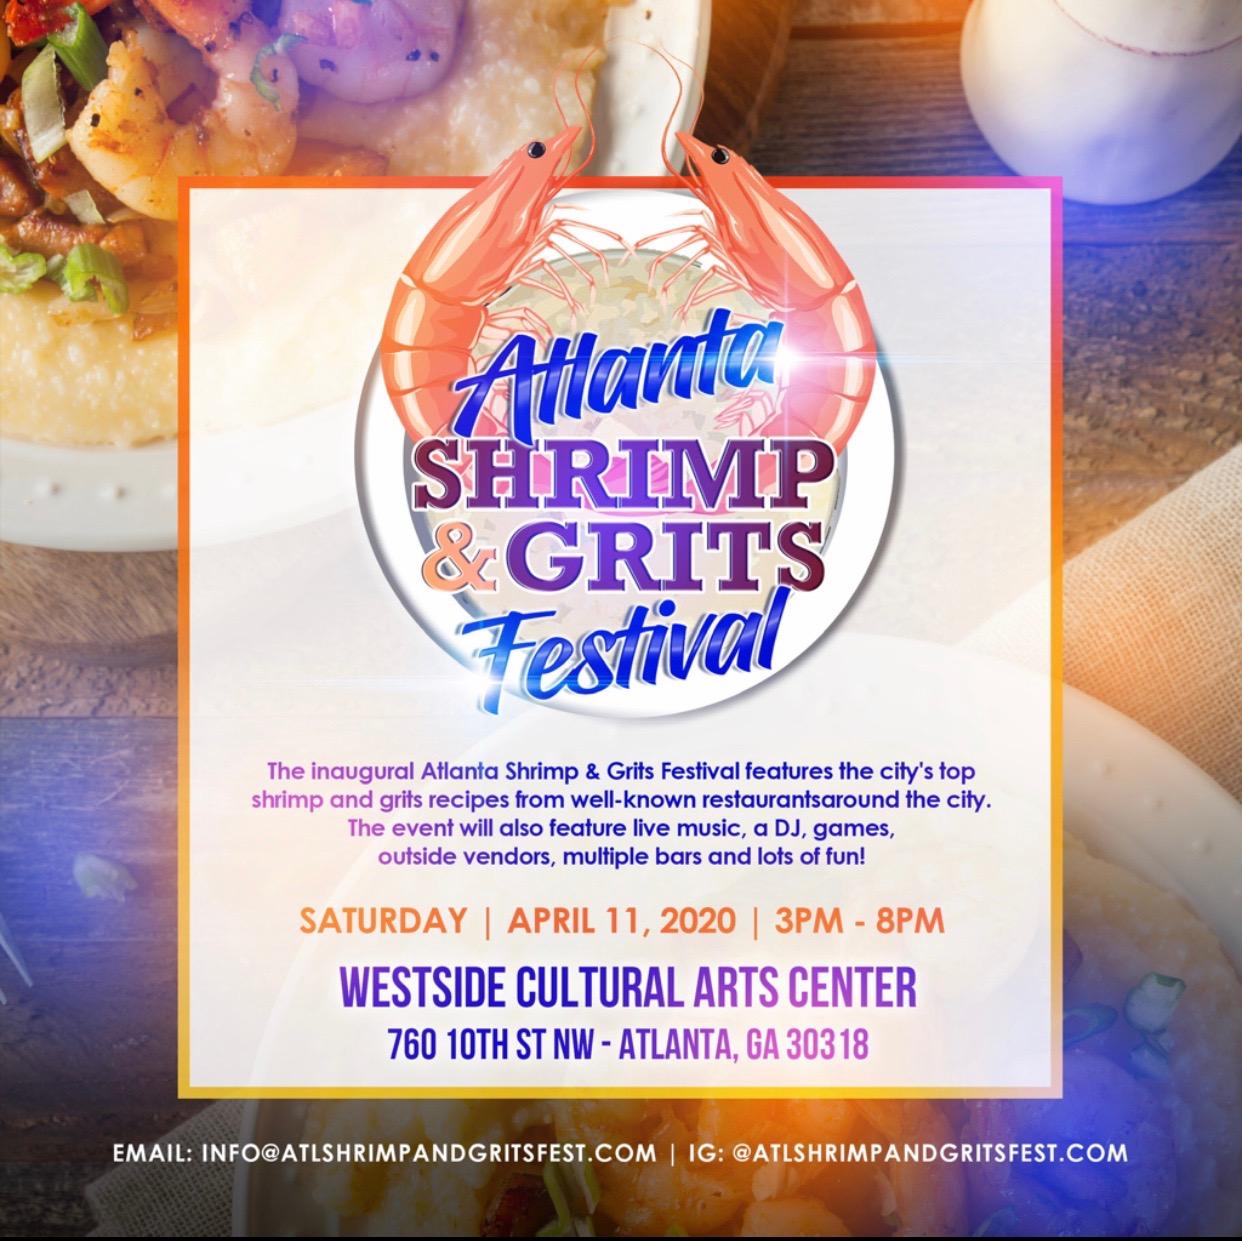 Shrimp & Grits Festival 2020